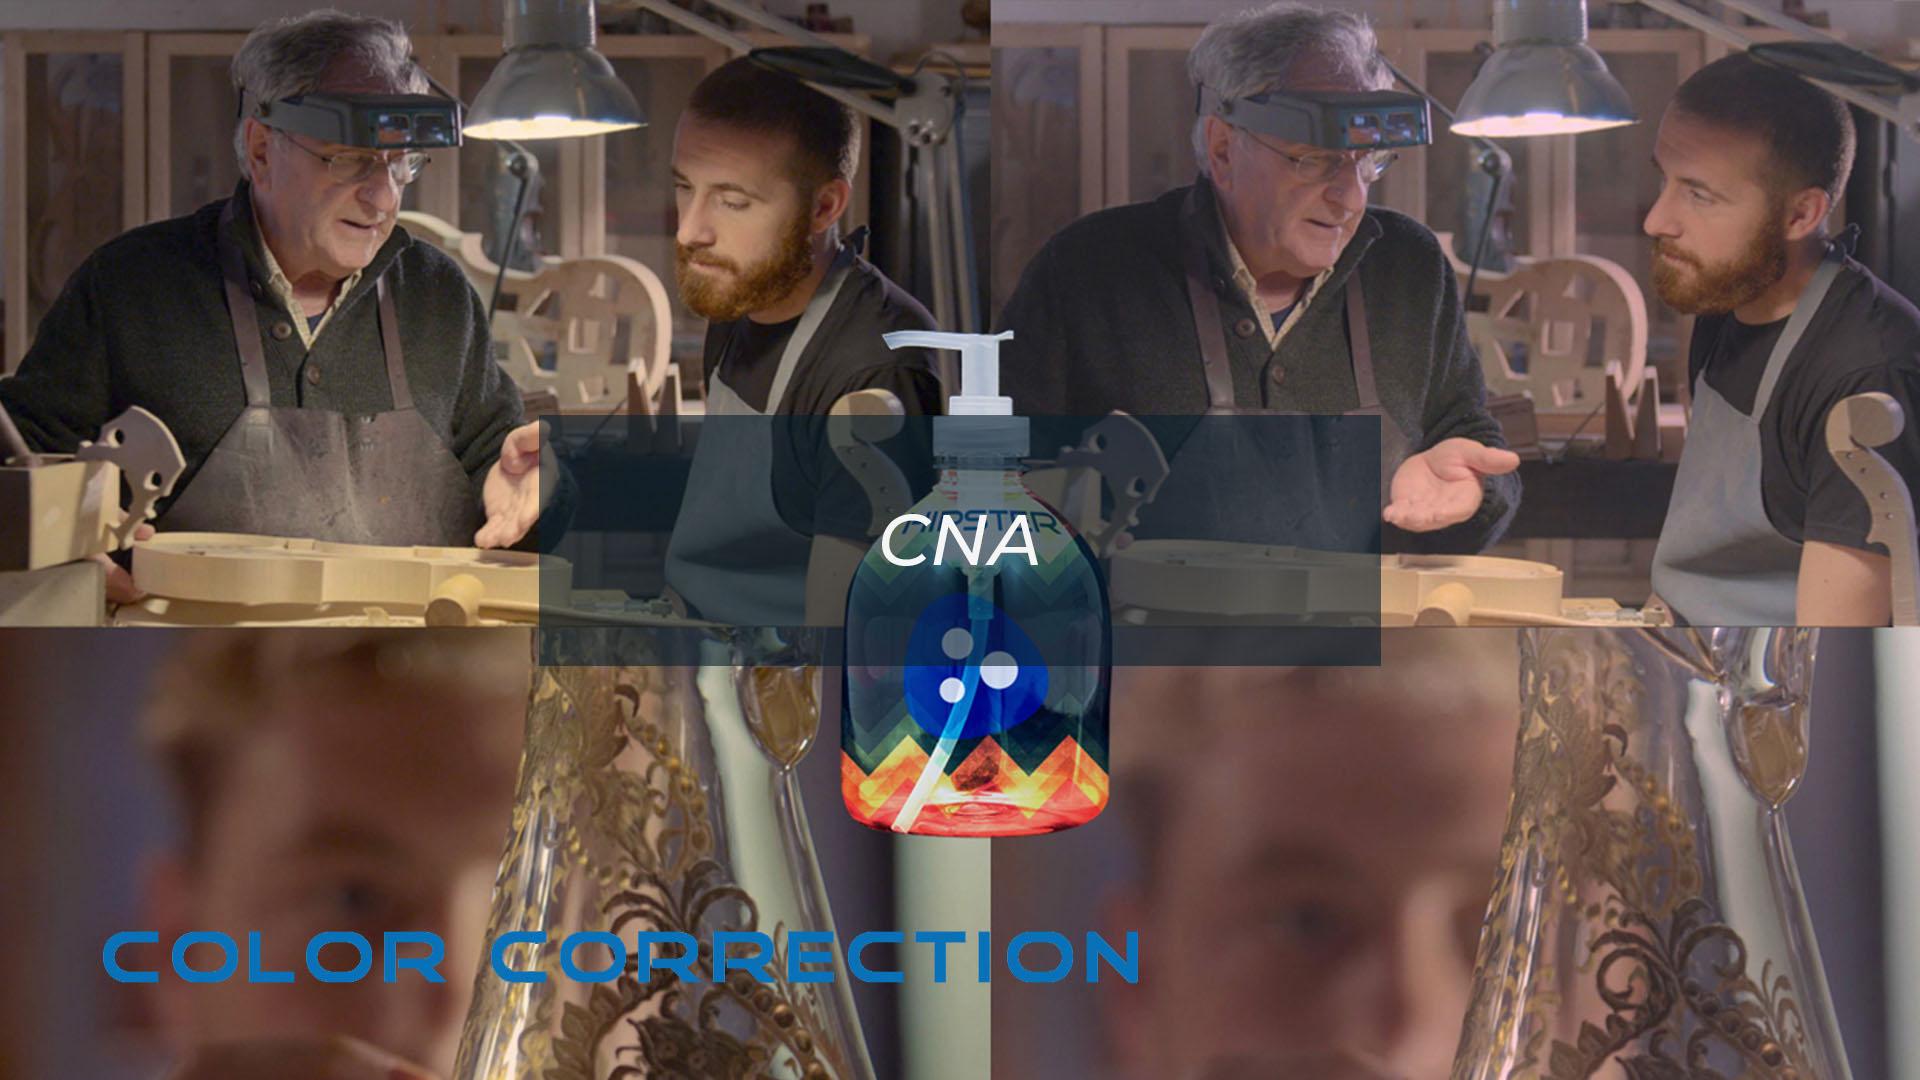 Color Correction confederazione nazionale artigianato by DiMMD